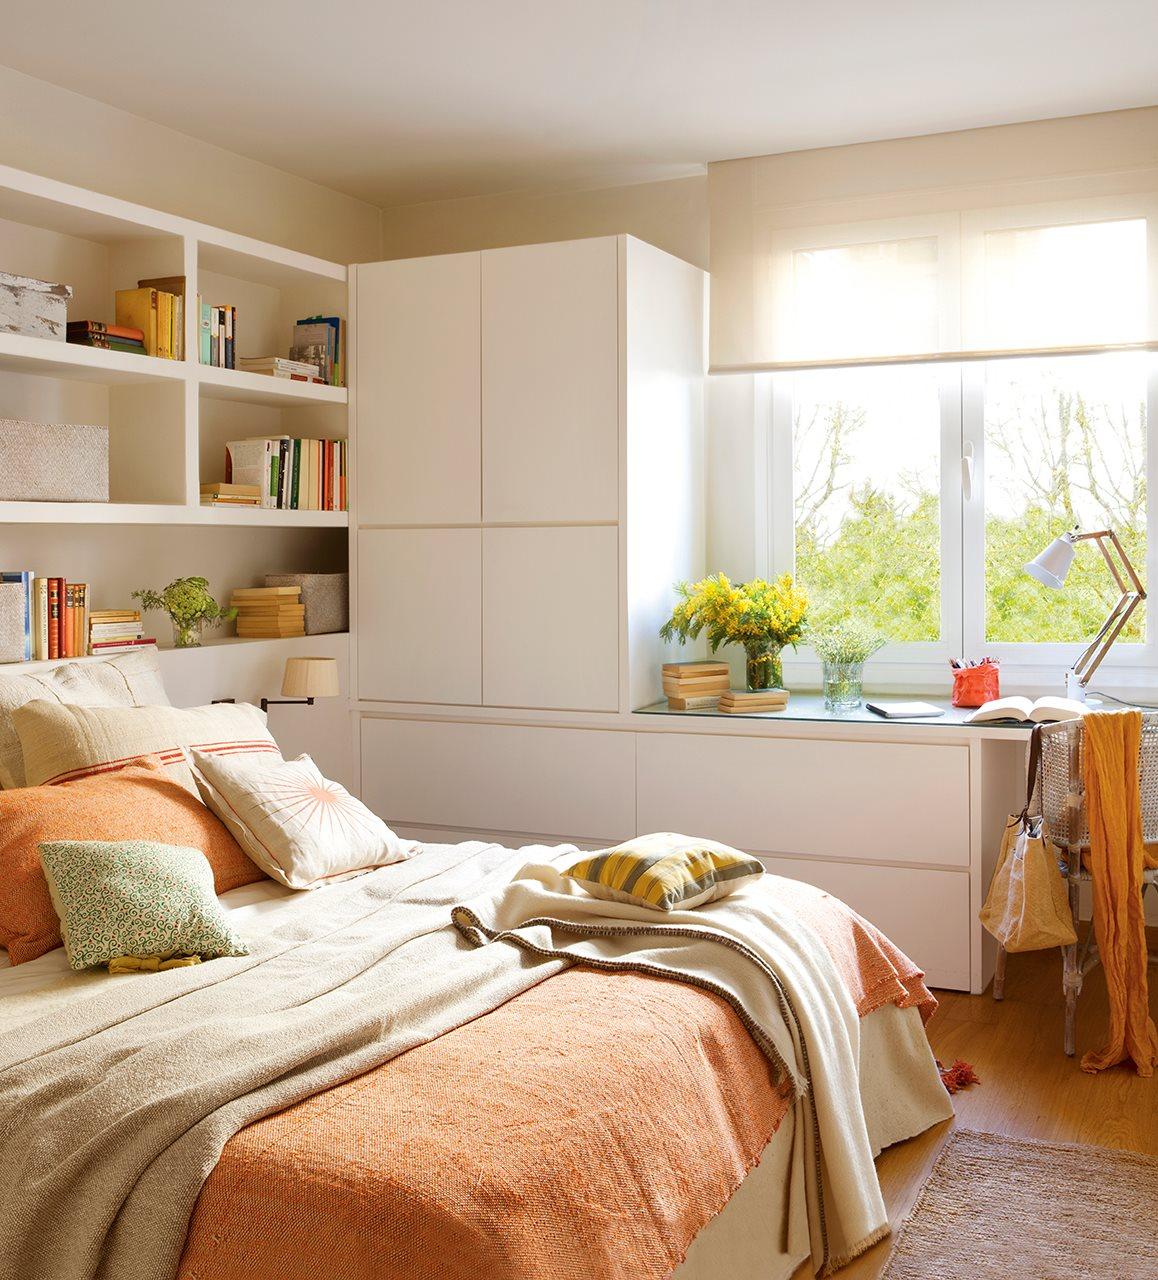 Un piso familiar reformado para ganar luz y comodidad - Cabecero con almacenaje ...